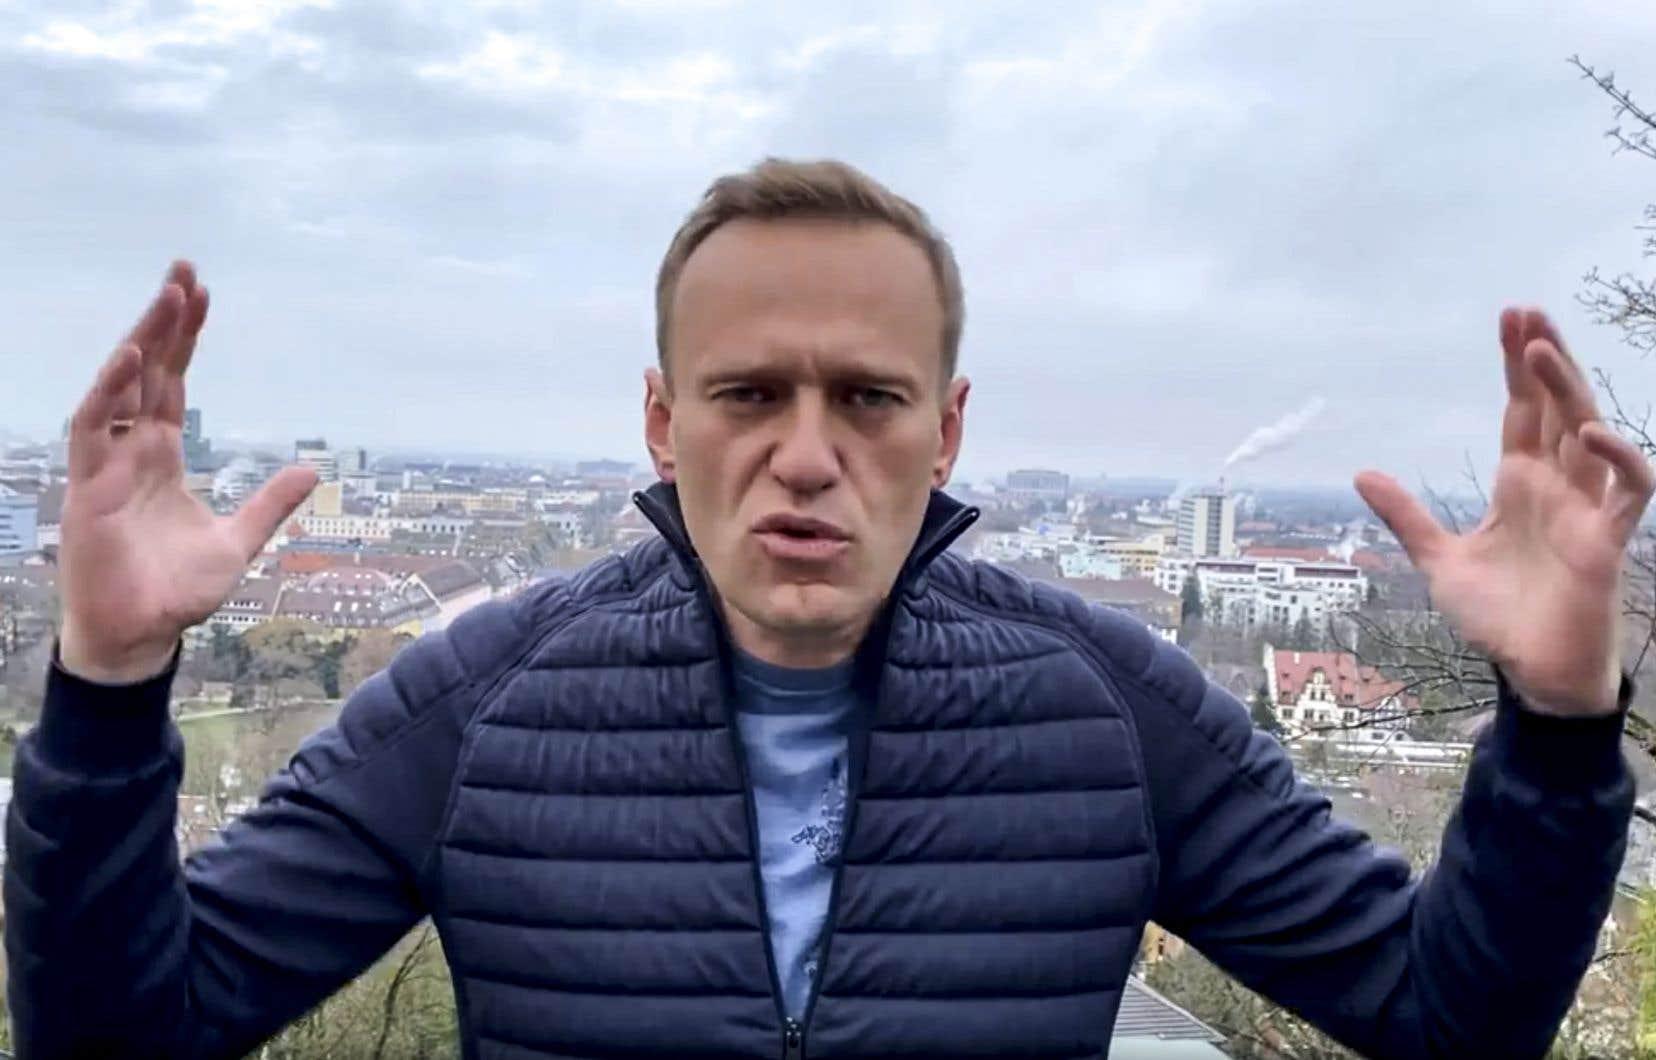 Alexeï Navalnya annoncé son intention de revenir en Russie dimanche, malgré les menaces des services pénitentiaires russes qui assurent qu'il est recherché depuis fin décembre et risque l'emprisonnement.